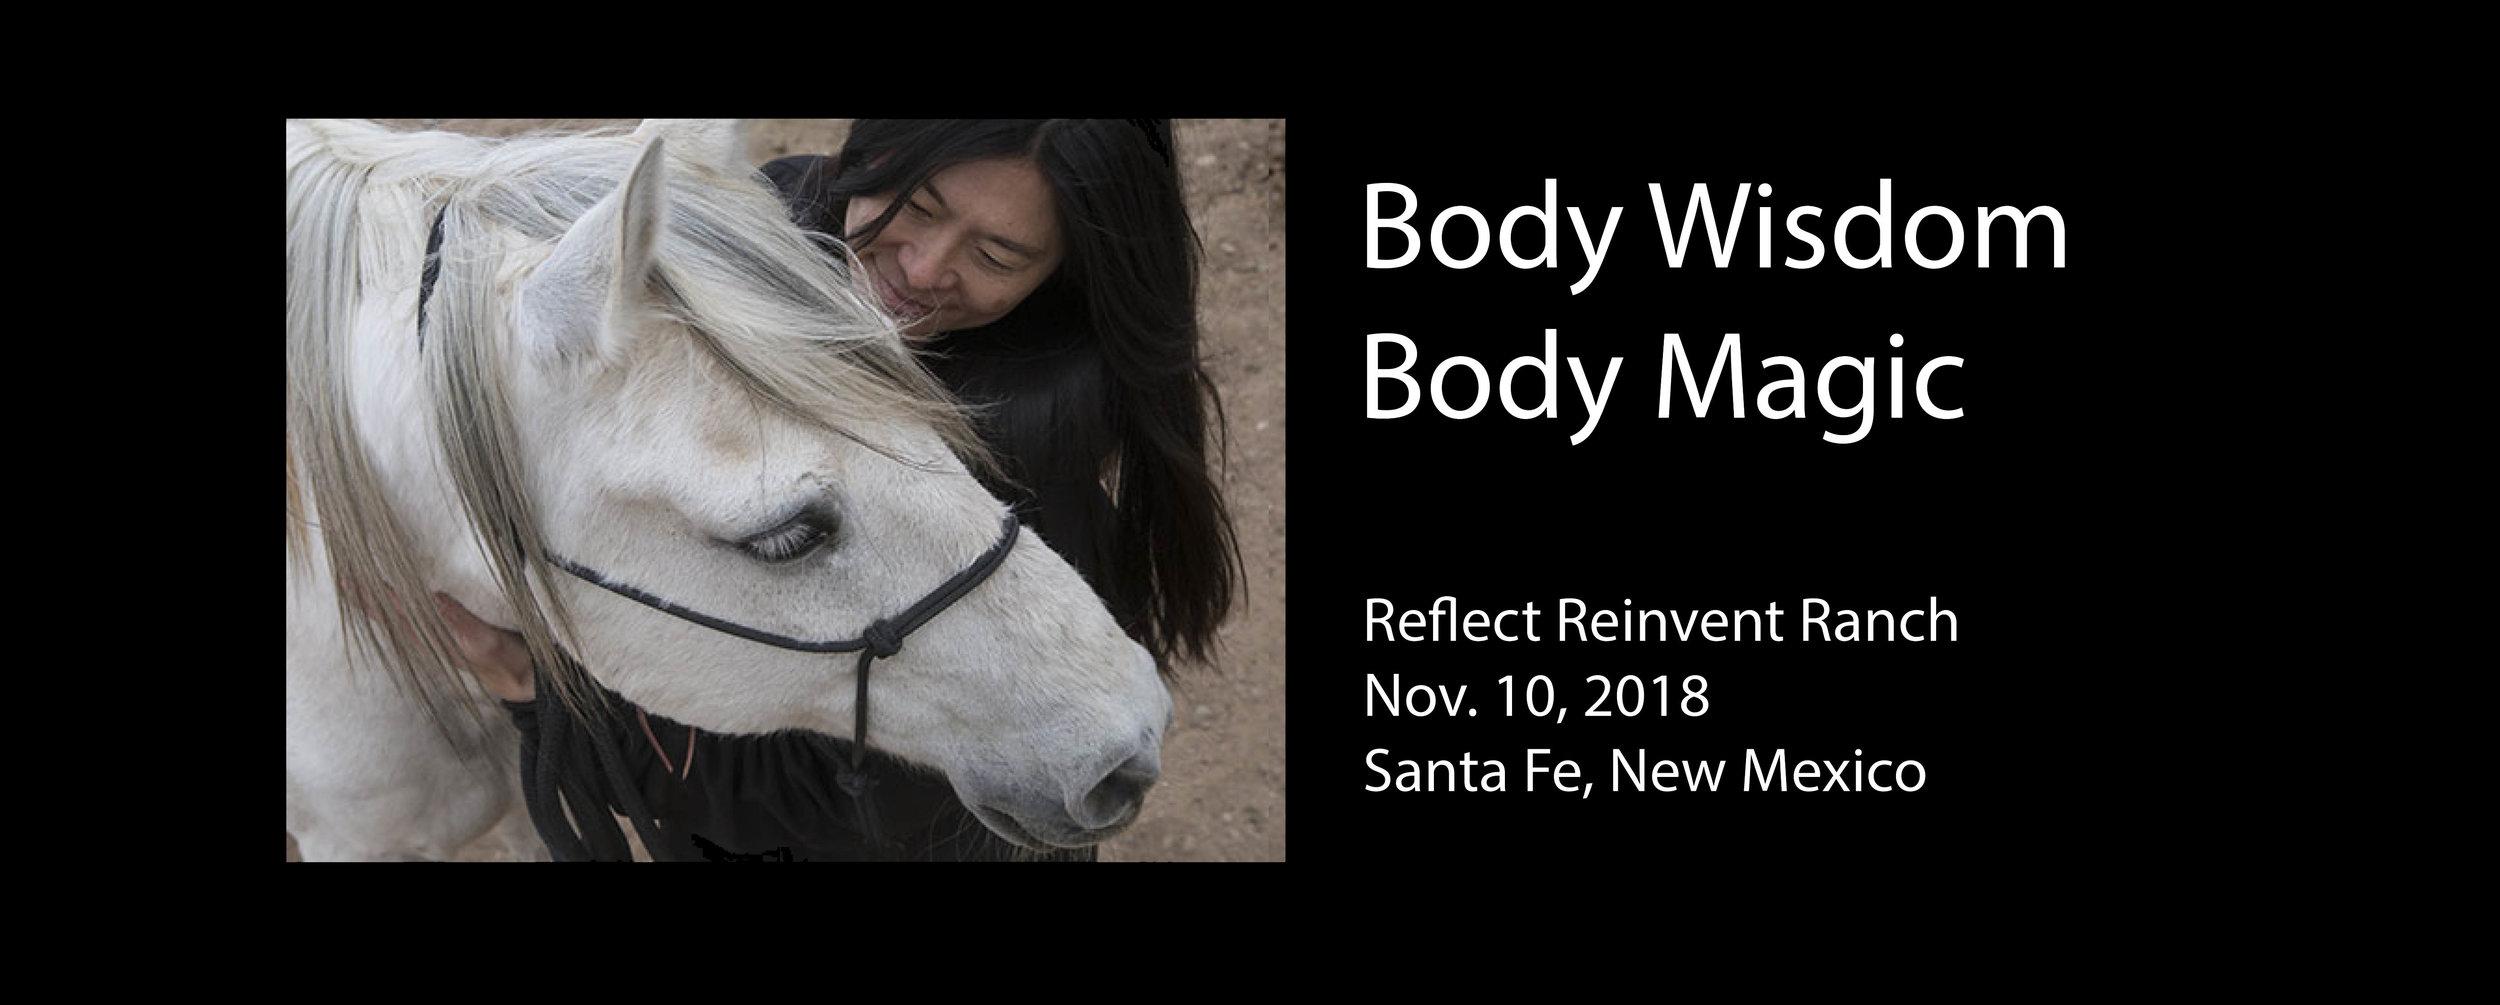 BodyWisdomBodyMagicImage for EventBrite.jpg